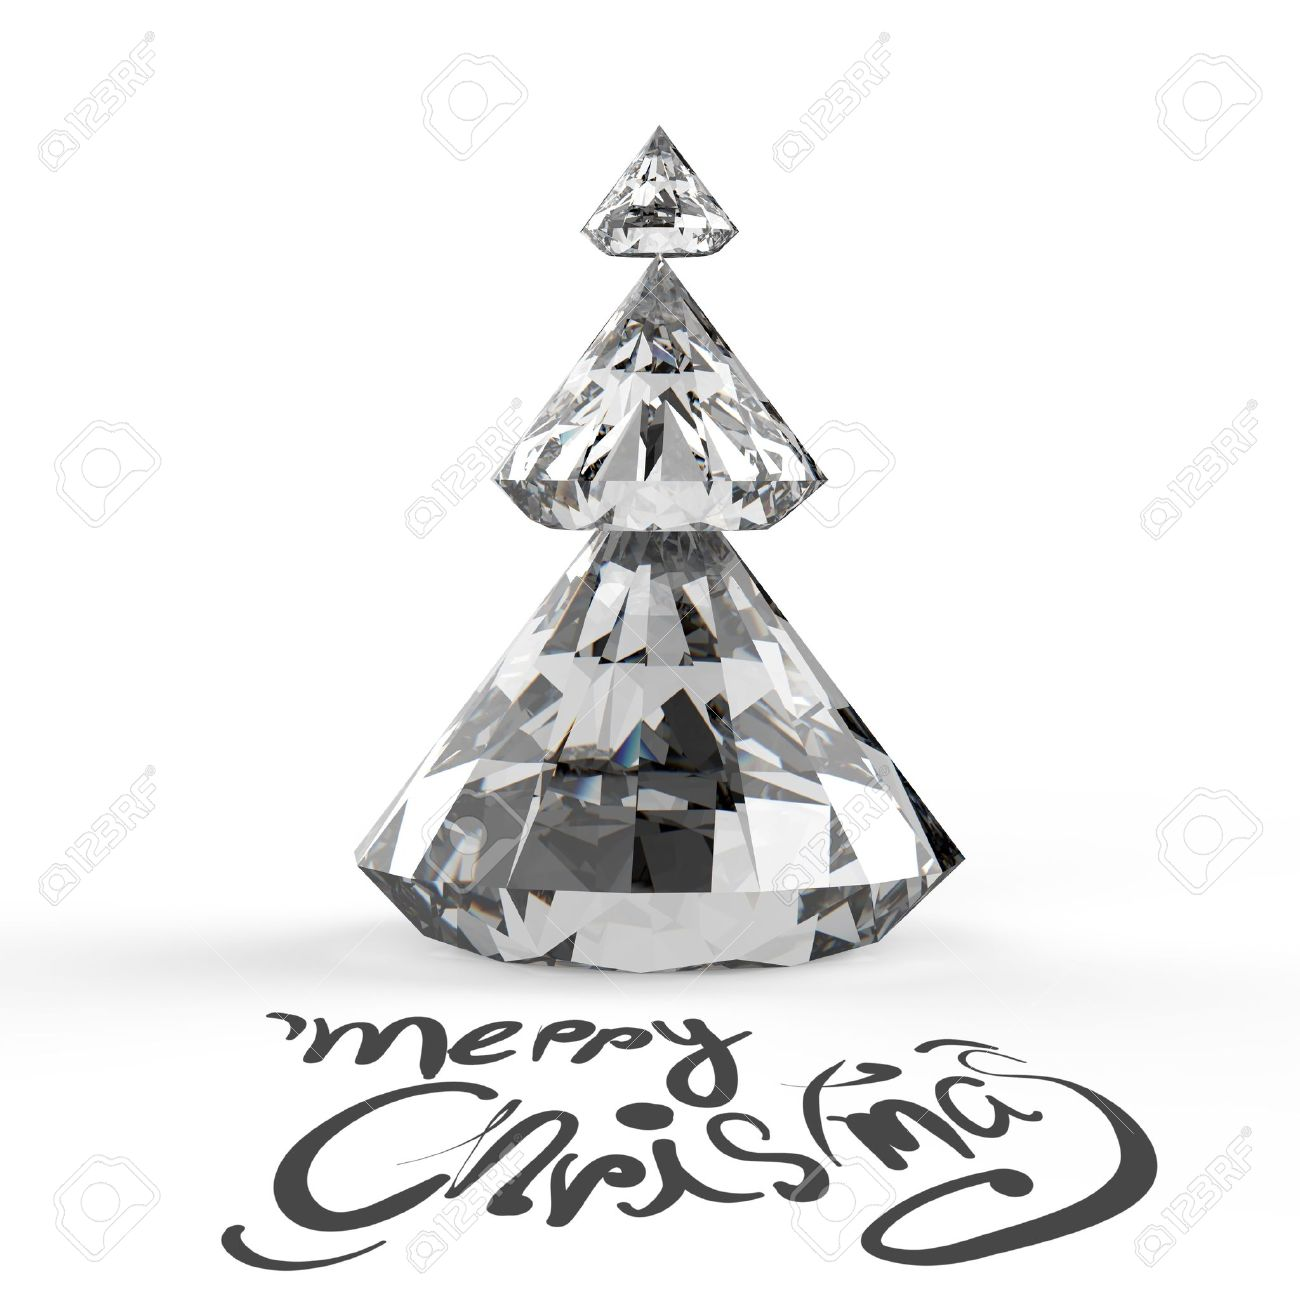 foto de archivo tarjeta de navidad con el rbol de navidad d diamantes